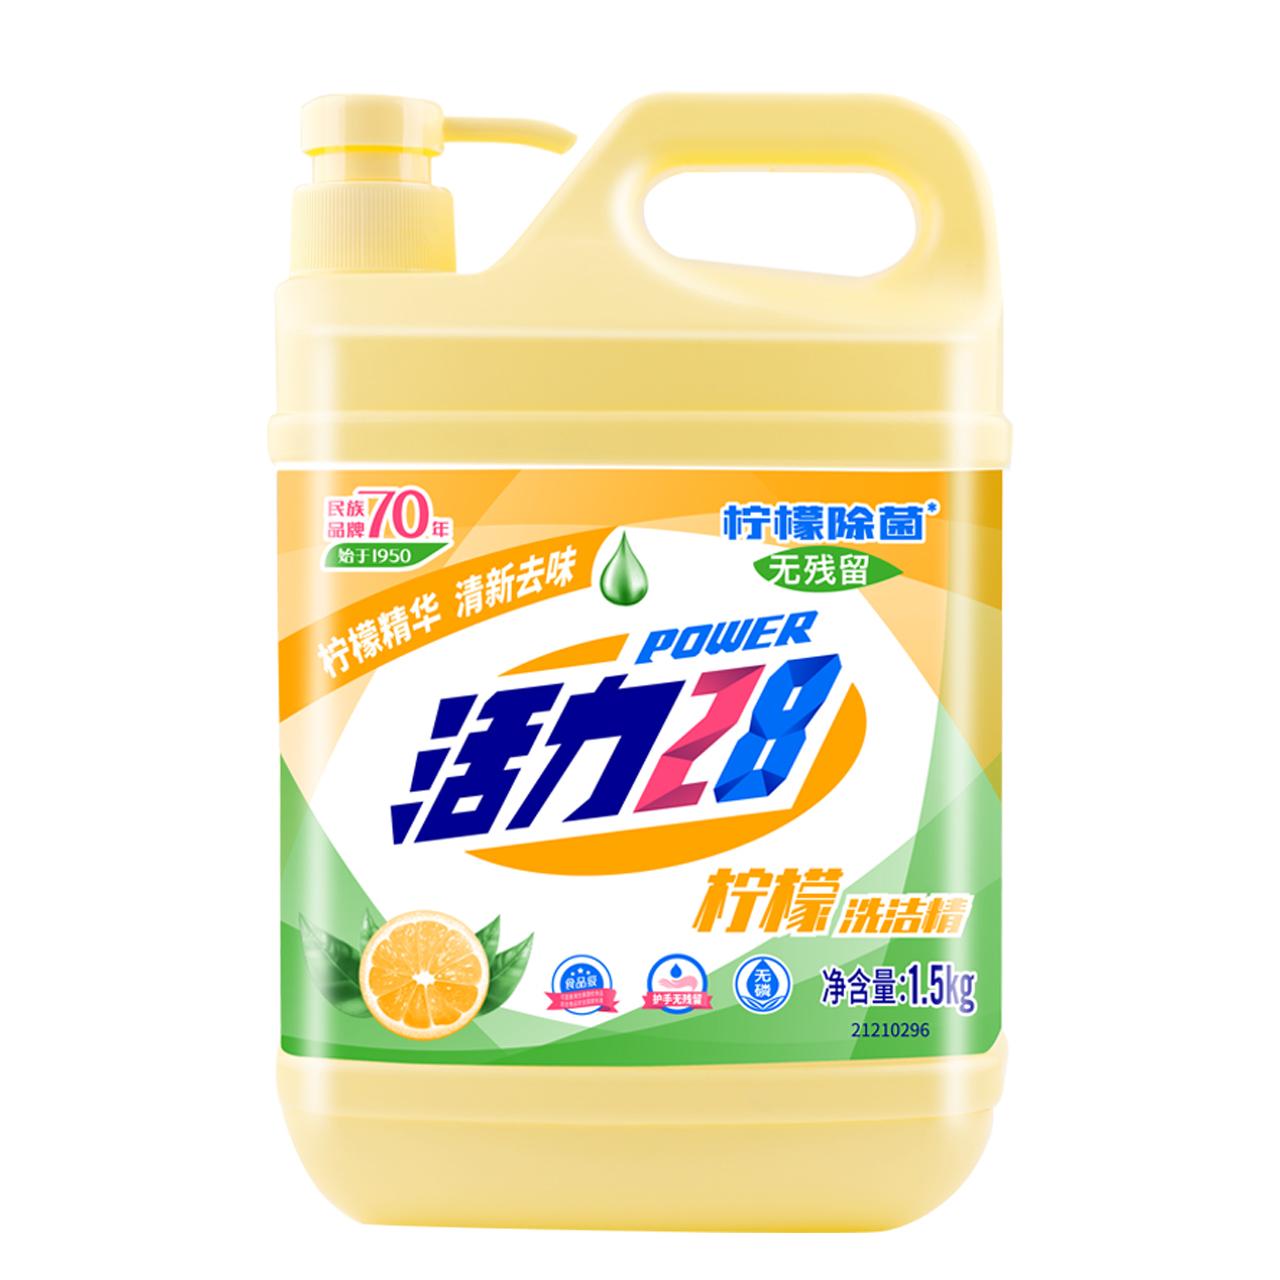 活力28洗洁精柠檬去油1.5kg/瓶实惠大桶装家用厨房洗碗食品果蔬净